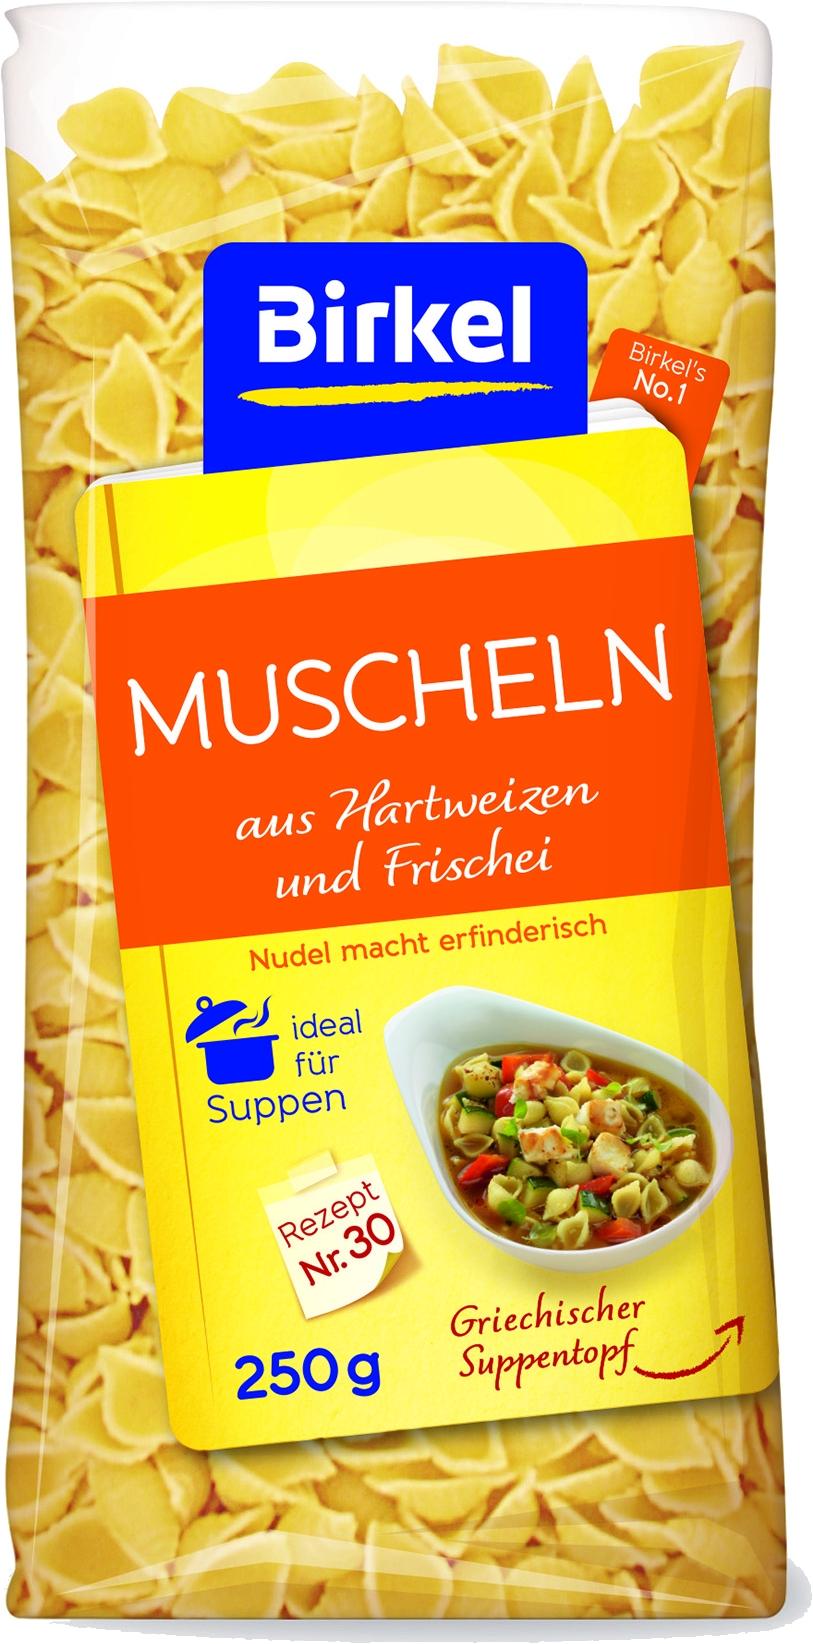 No. 1 Muscheln